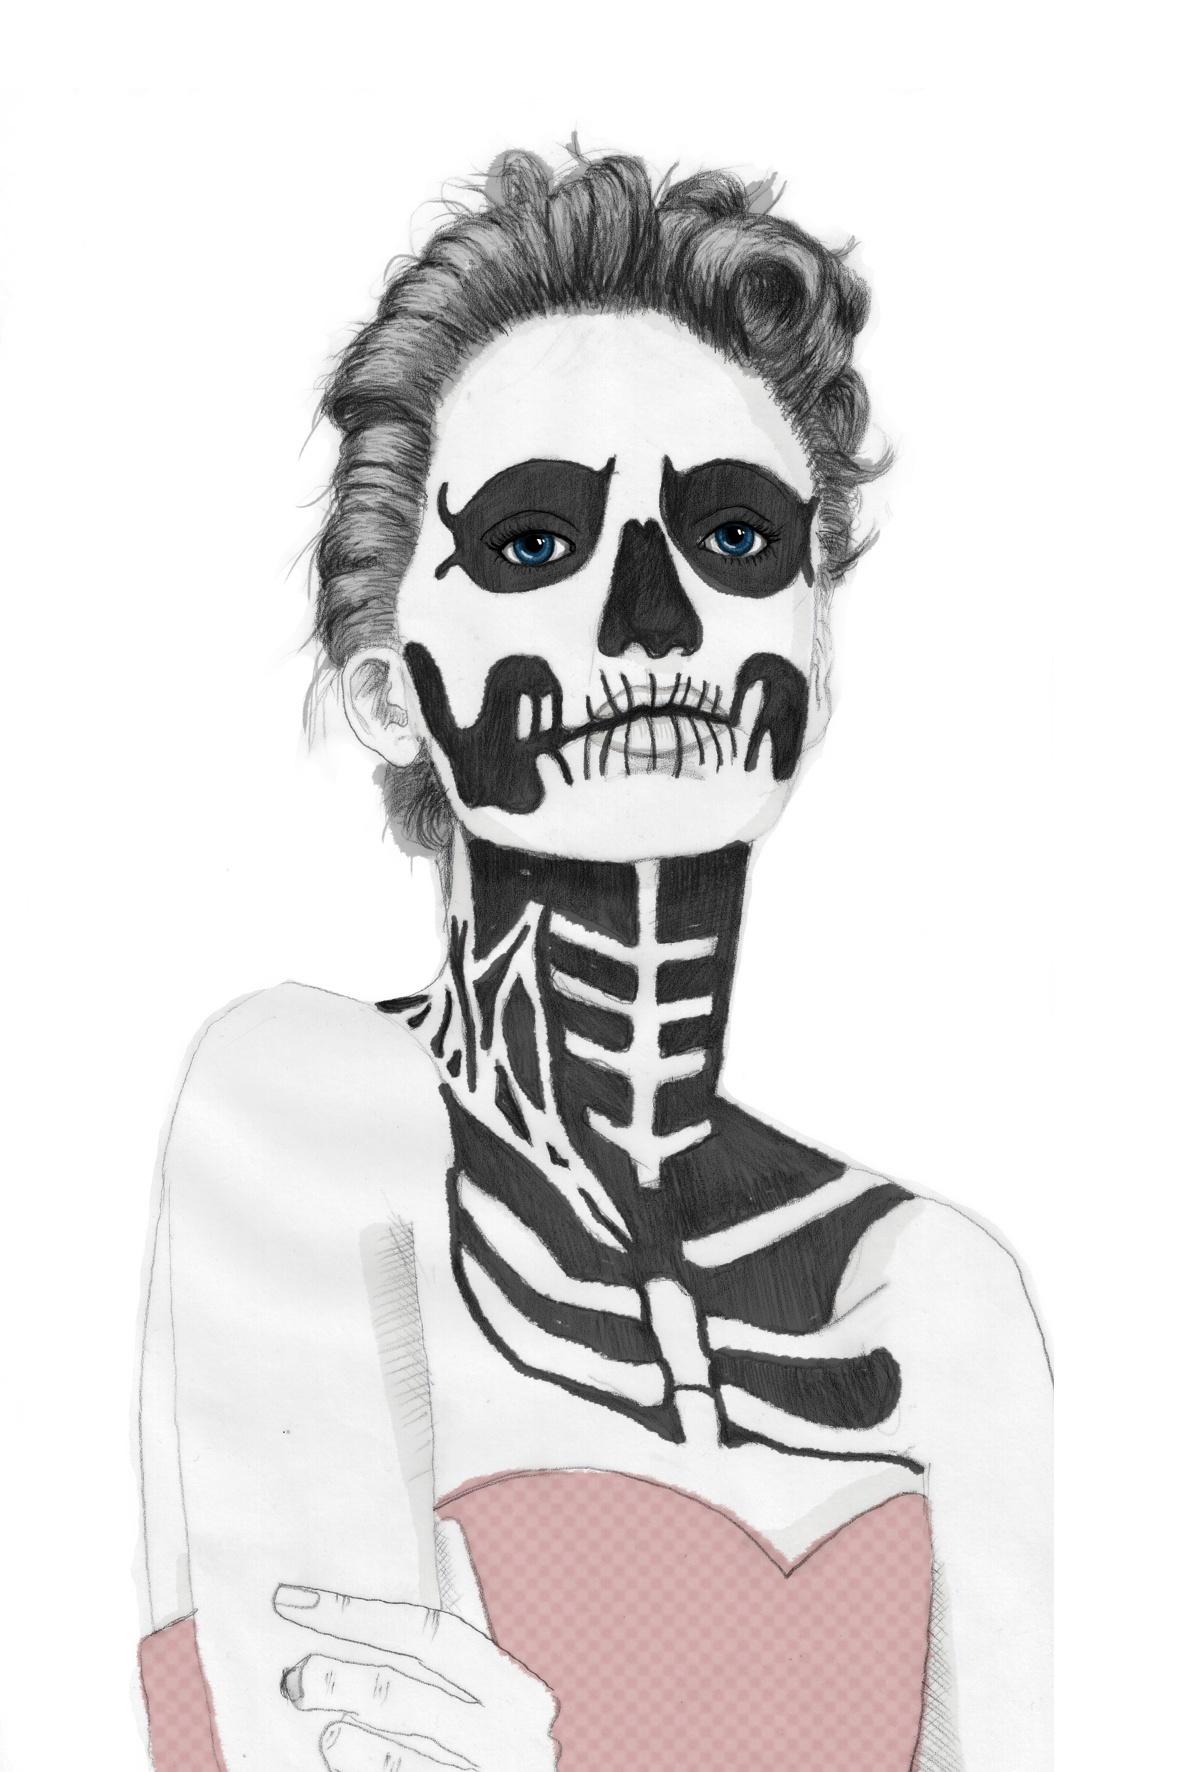 03_dia-de-los-muertos_day-of-the-dead